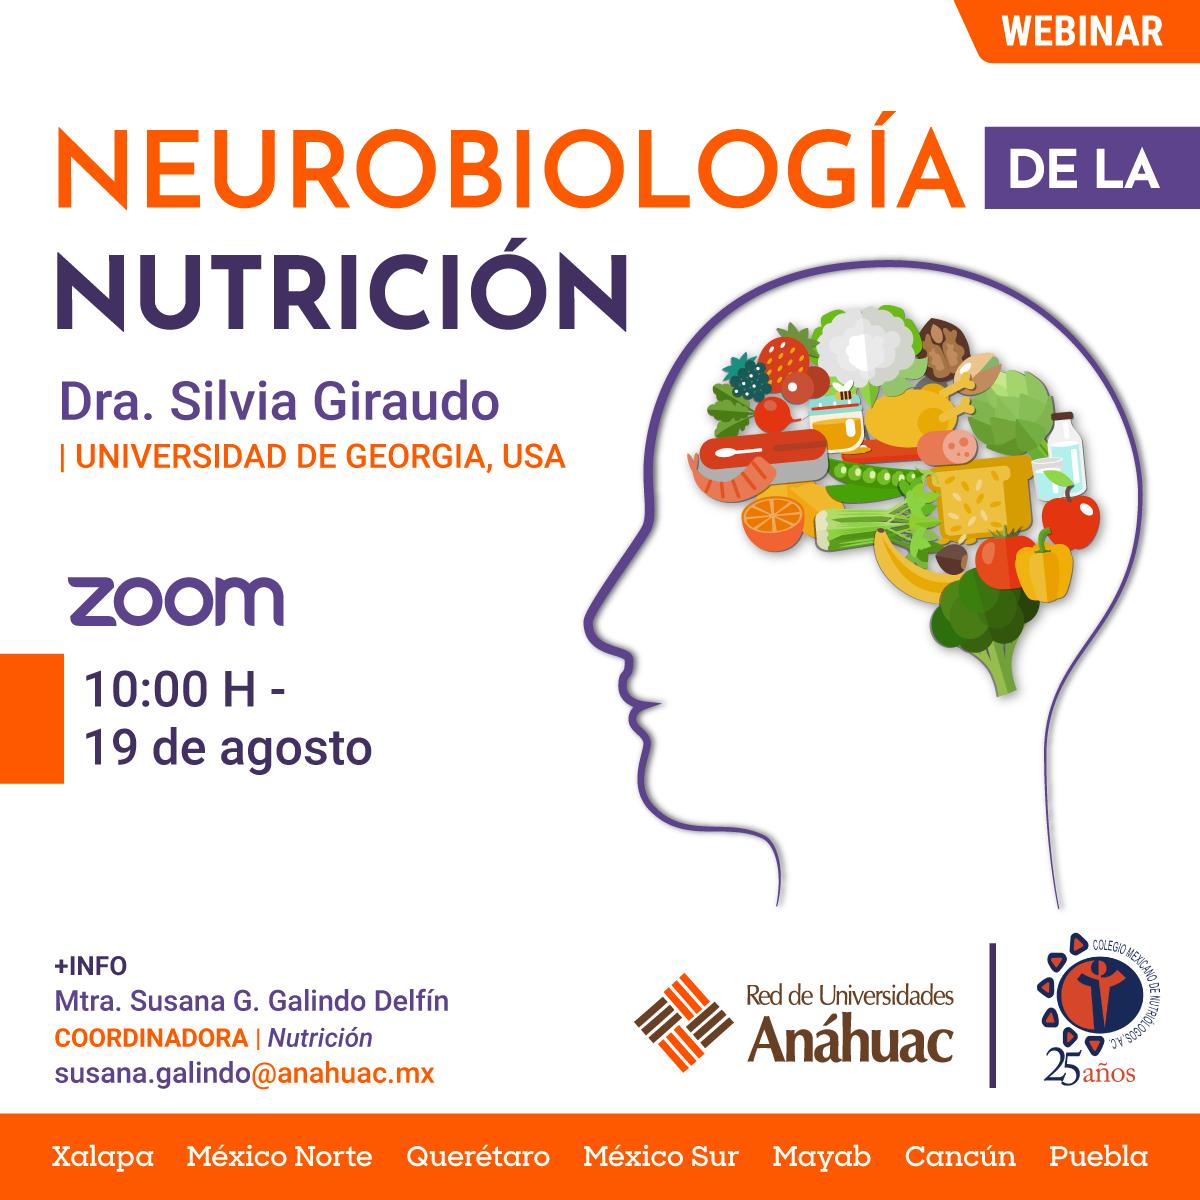 Neurobiología de la Nutrición